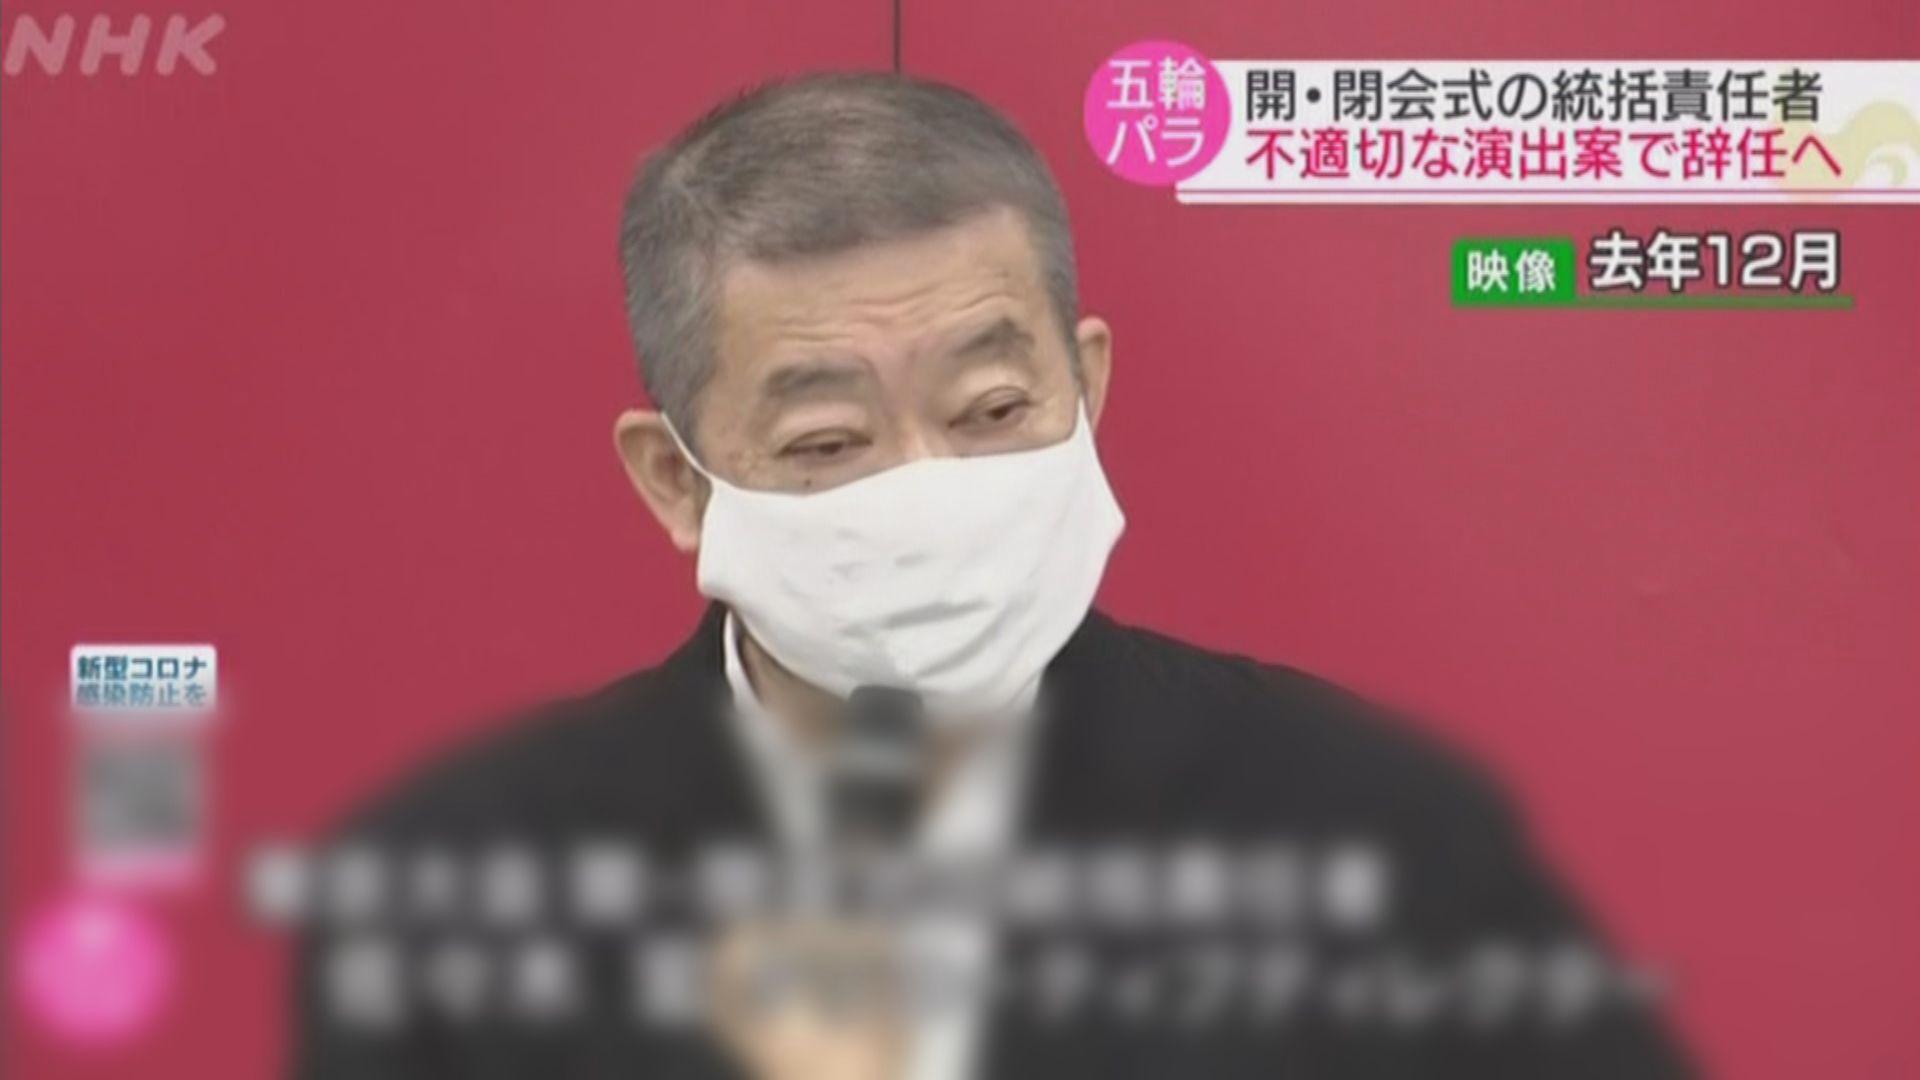 曾建議渡邊直美扮豬 東京奧運開幕禮創意總監涉歧視女性請辭